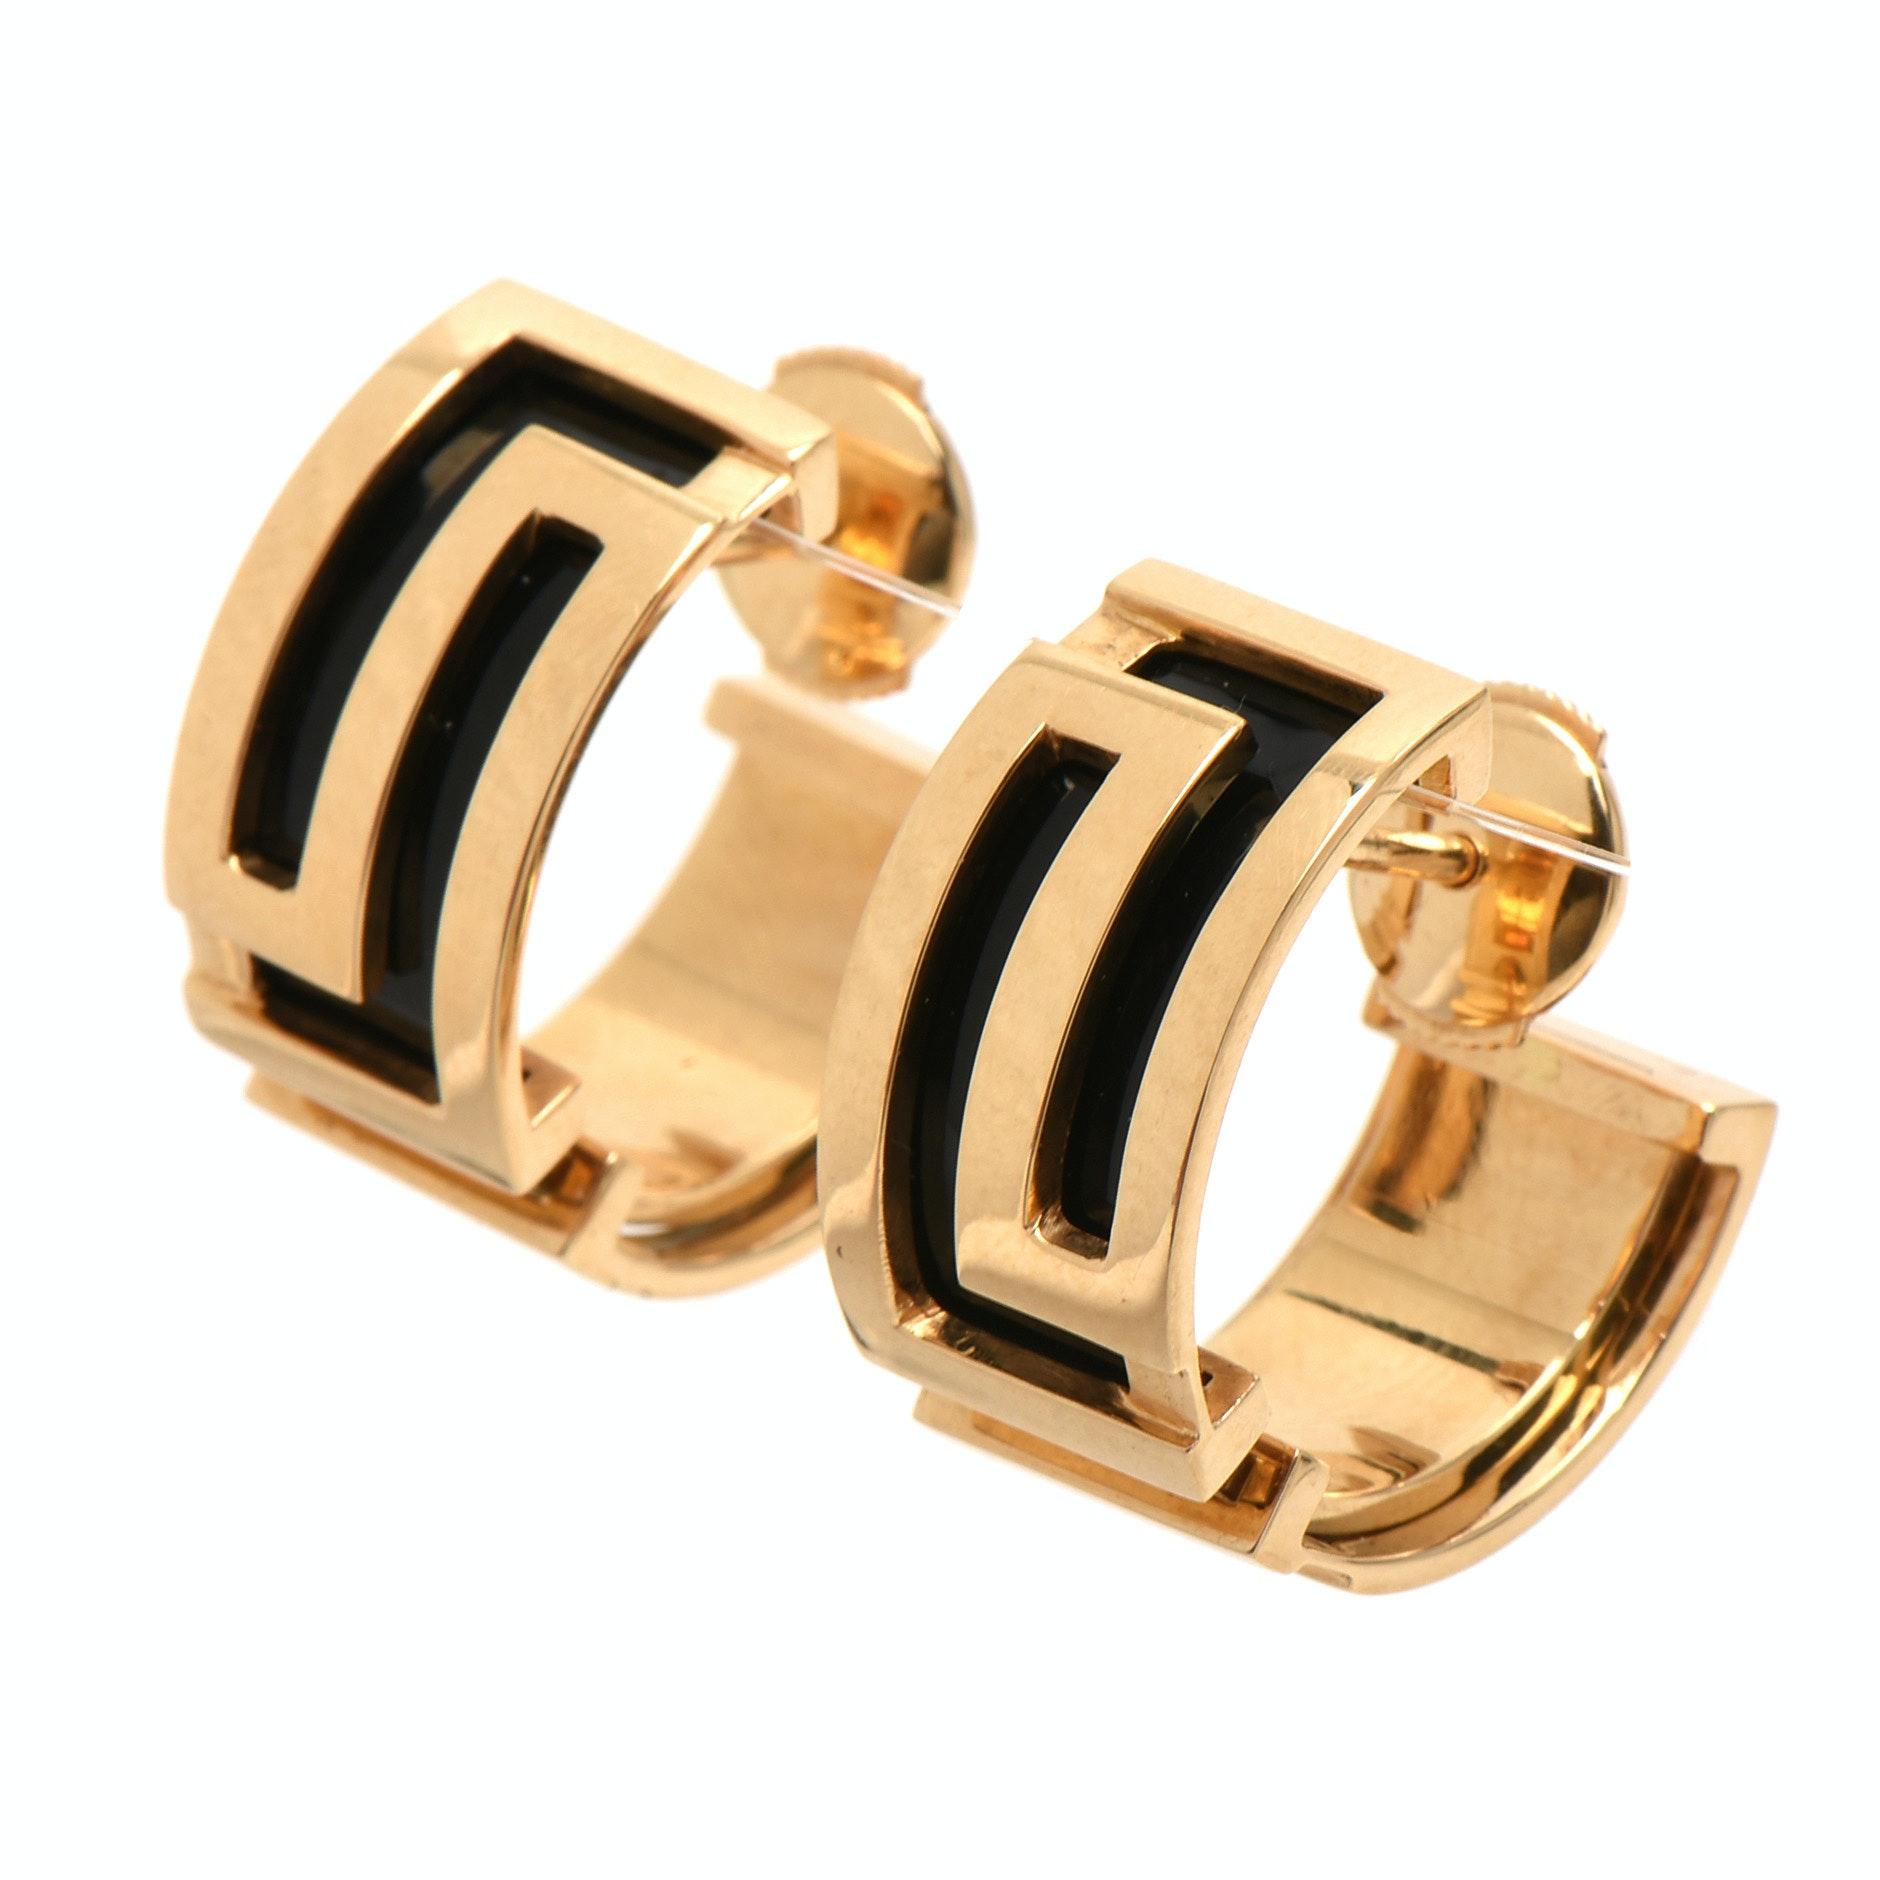 Versace 18K Yellow Gold Black Enamel Greek Key Half-Hoop Earrings